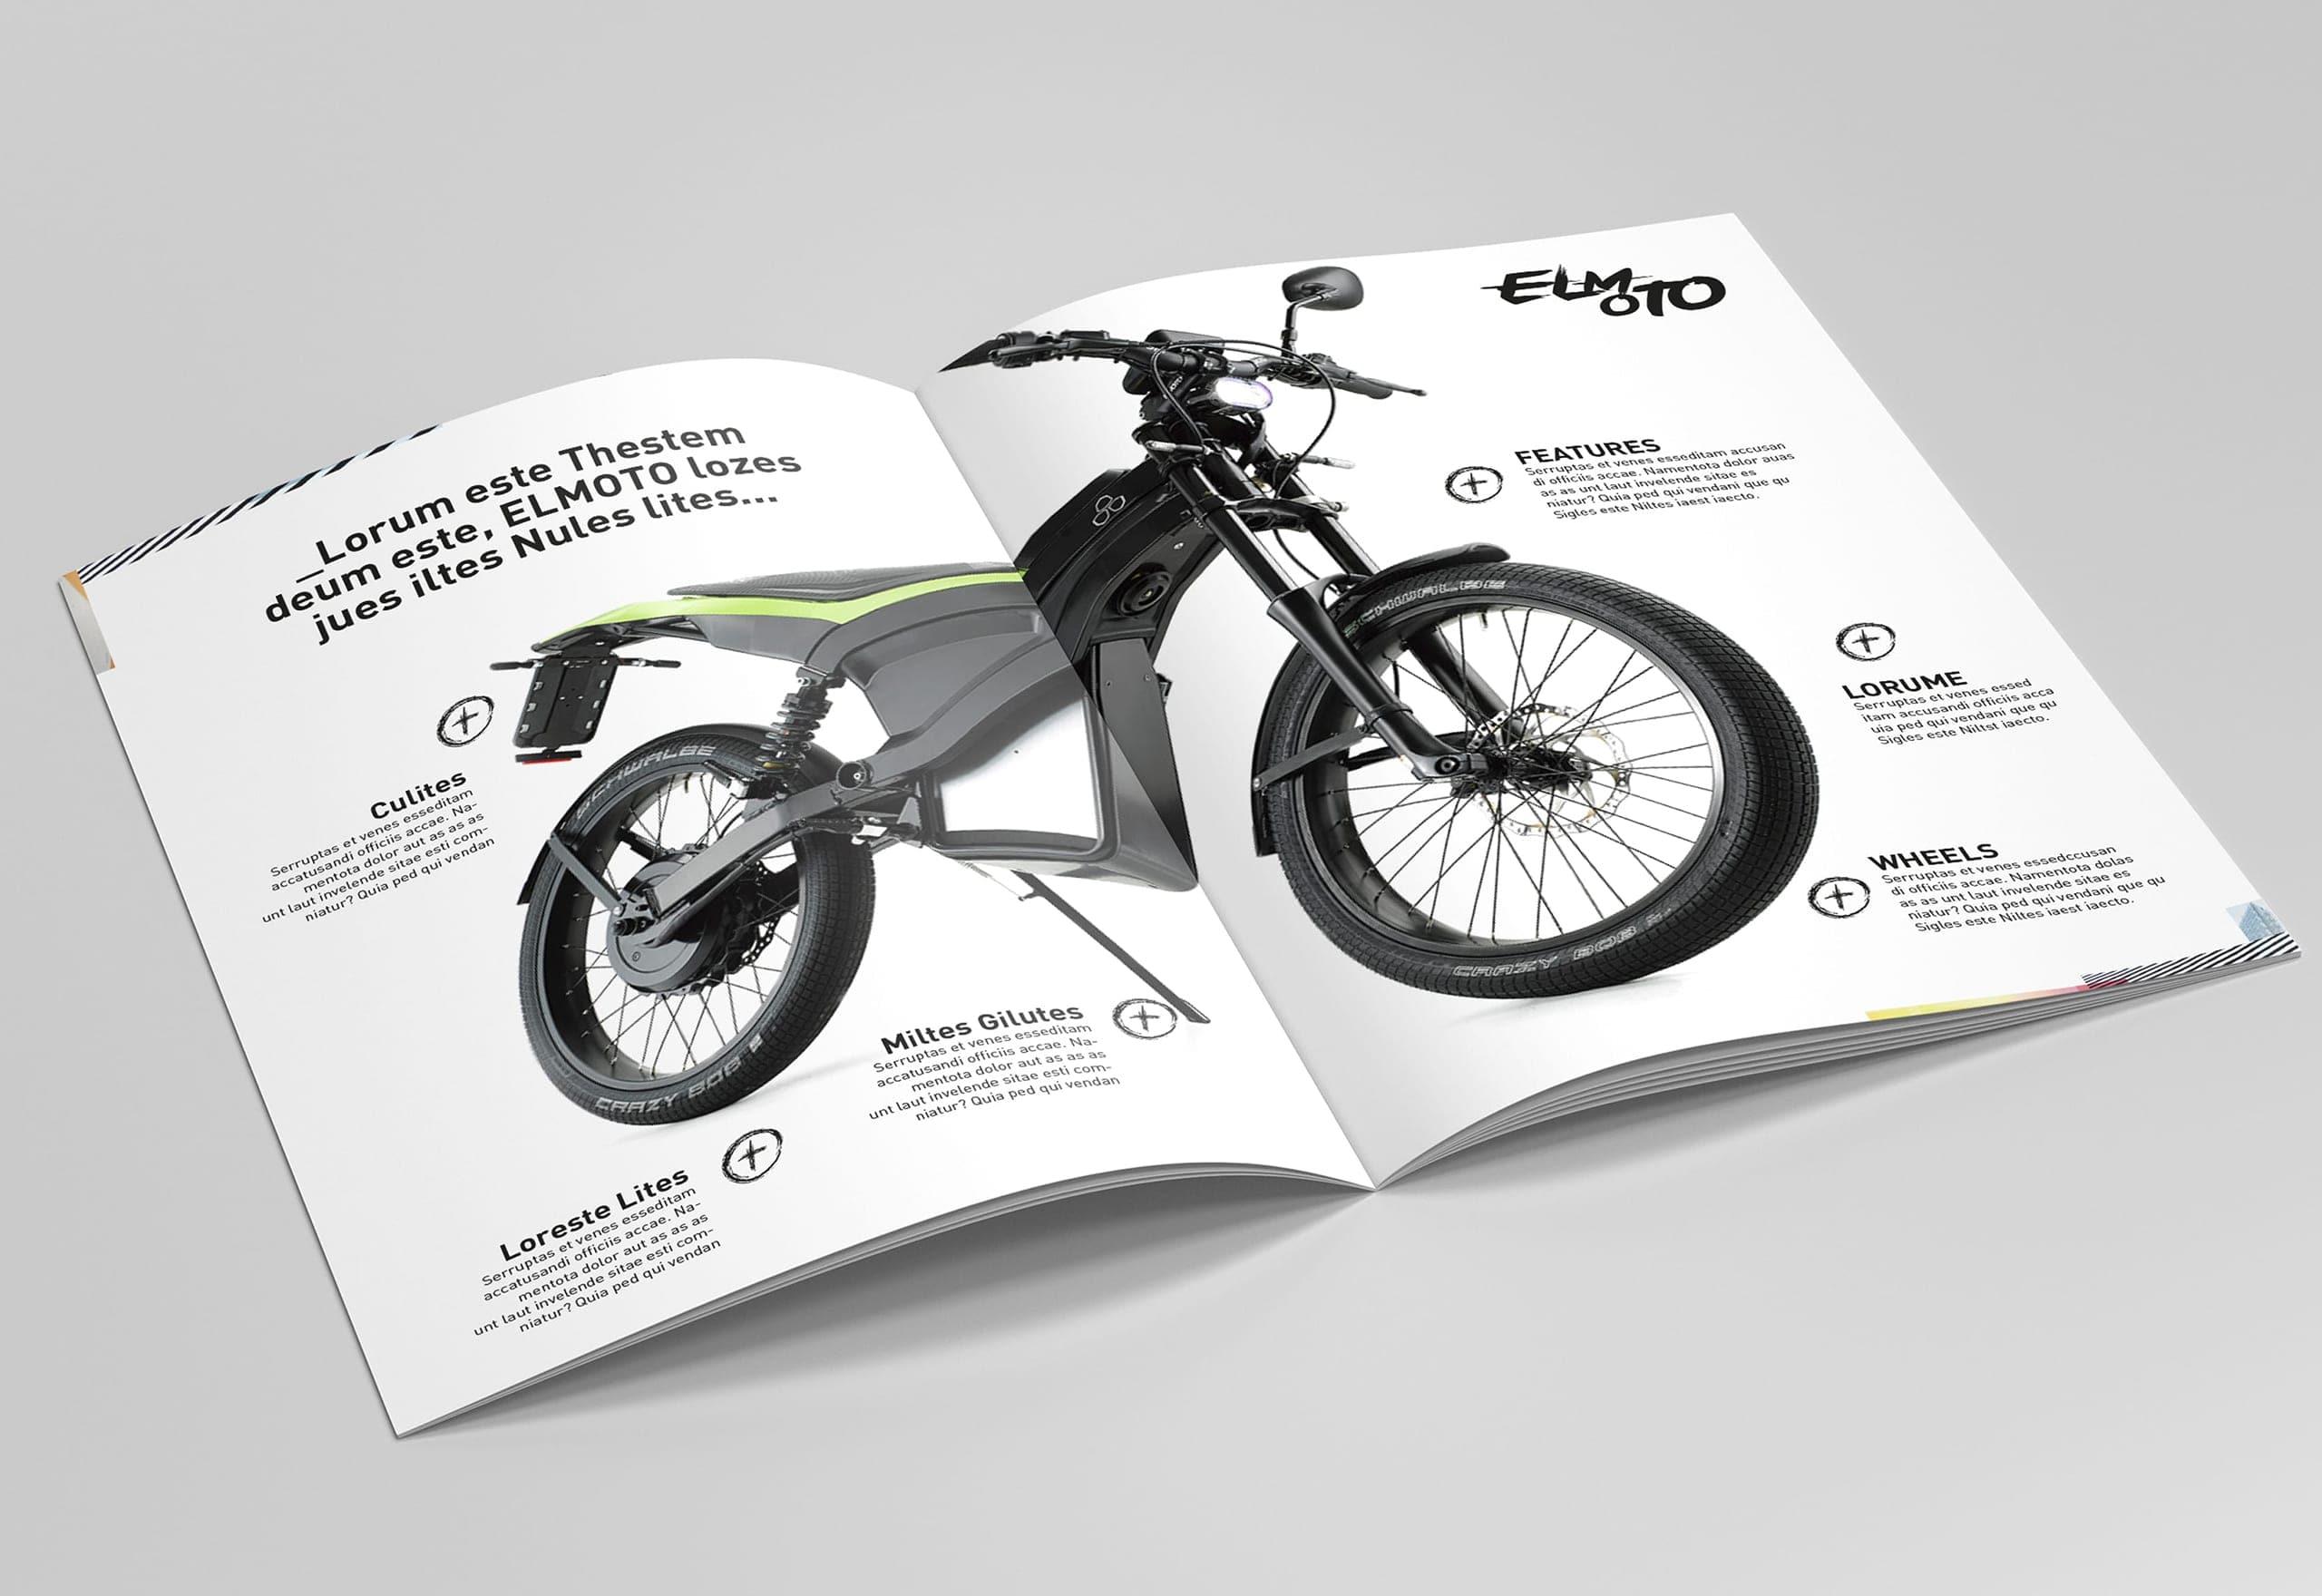 Design Broschüre Govecs Elmoto